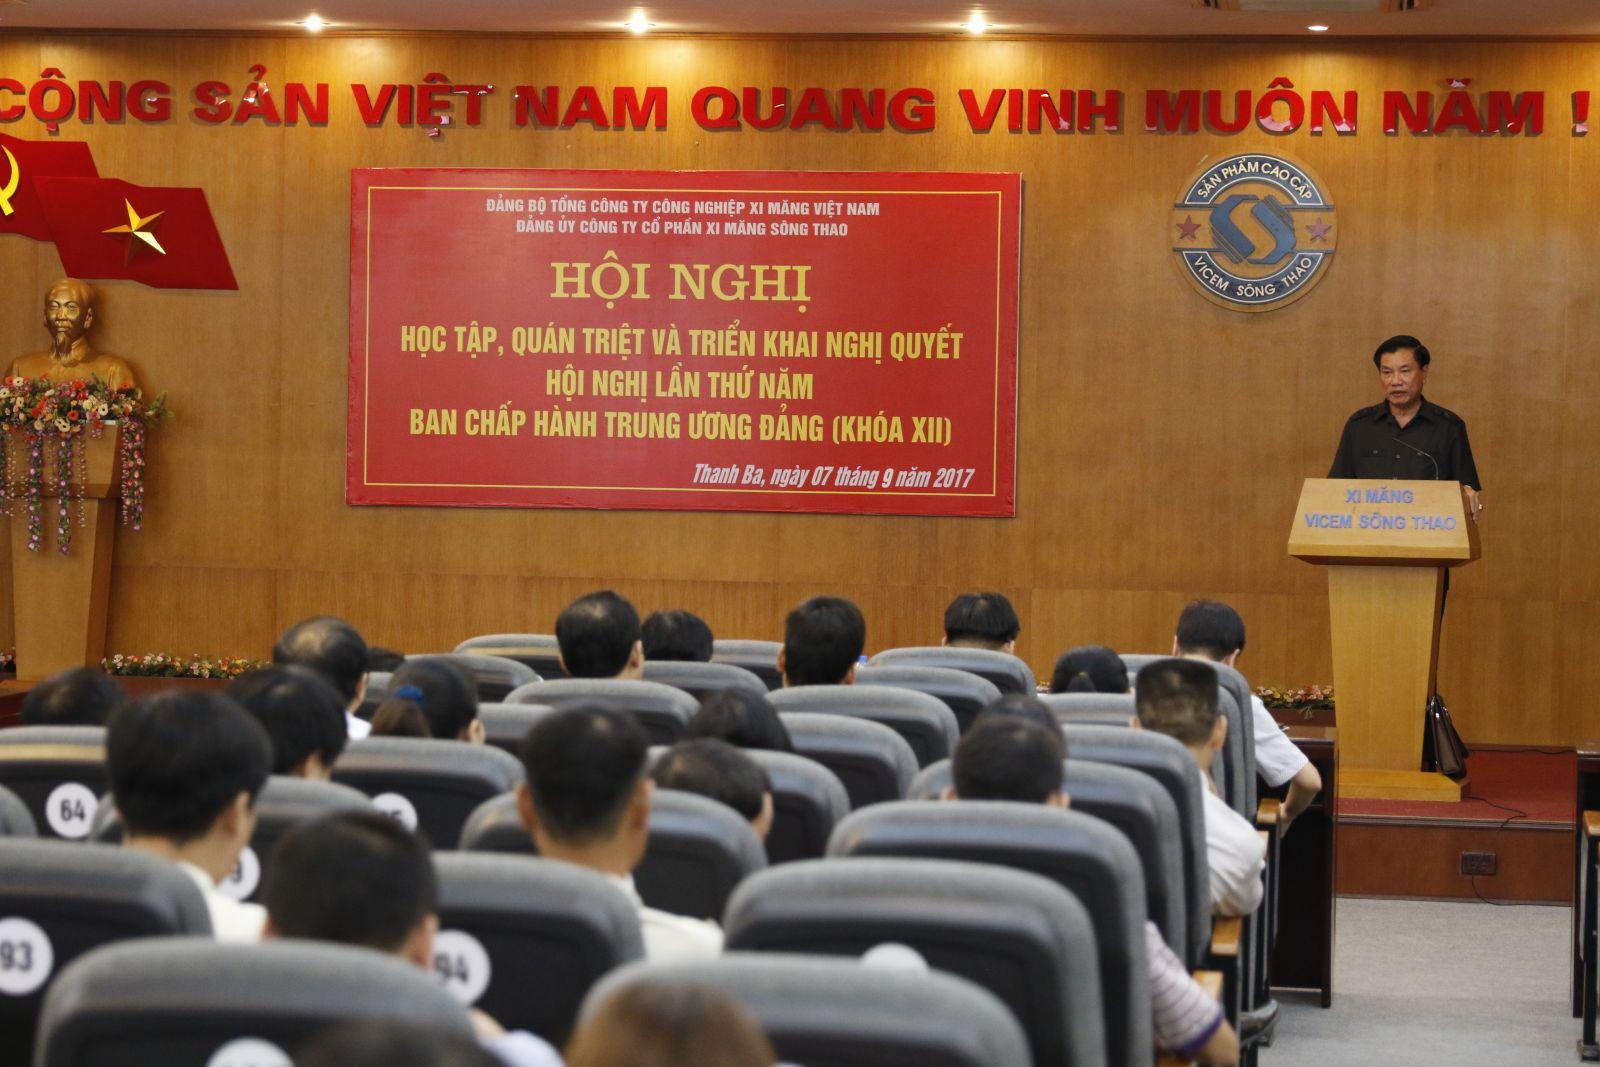 Học tập, quán triệt Nghị quyết Hội nghị lần thứ 5 Ban chấp hành Trung ương Đảng